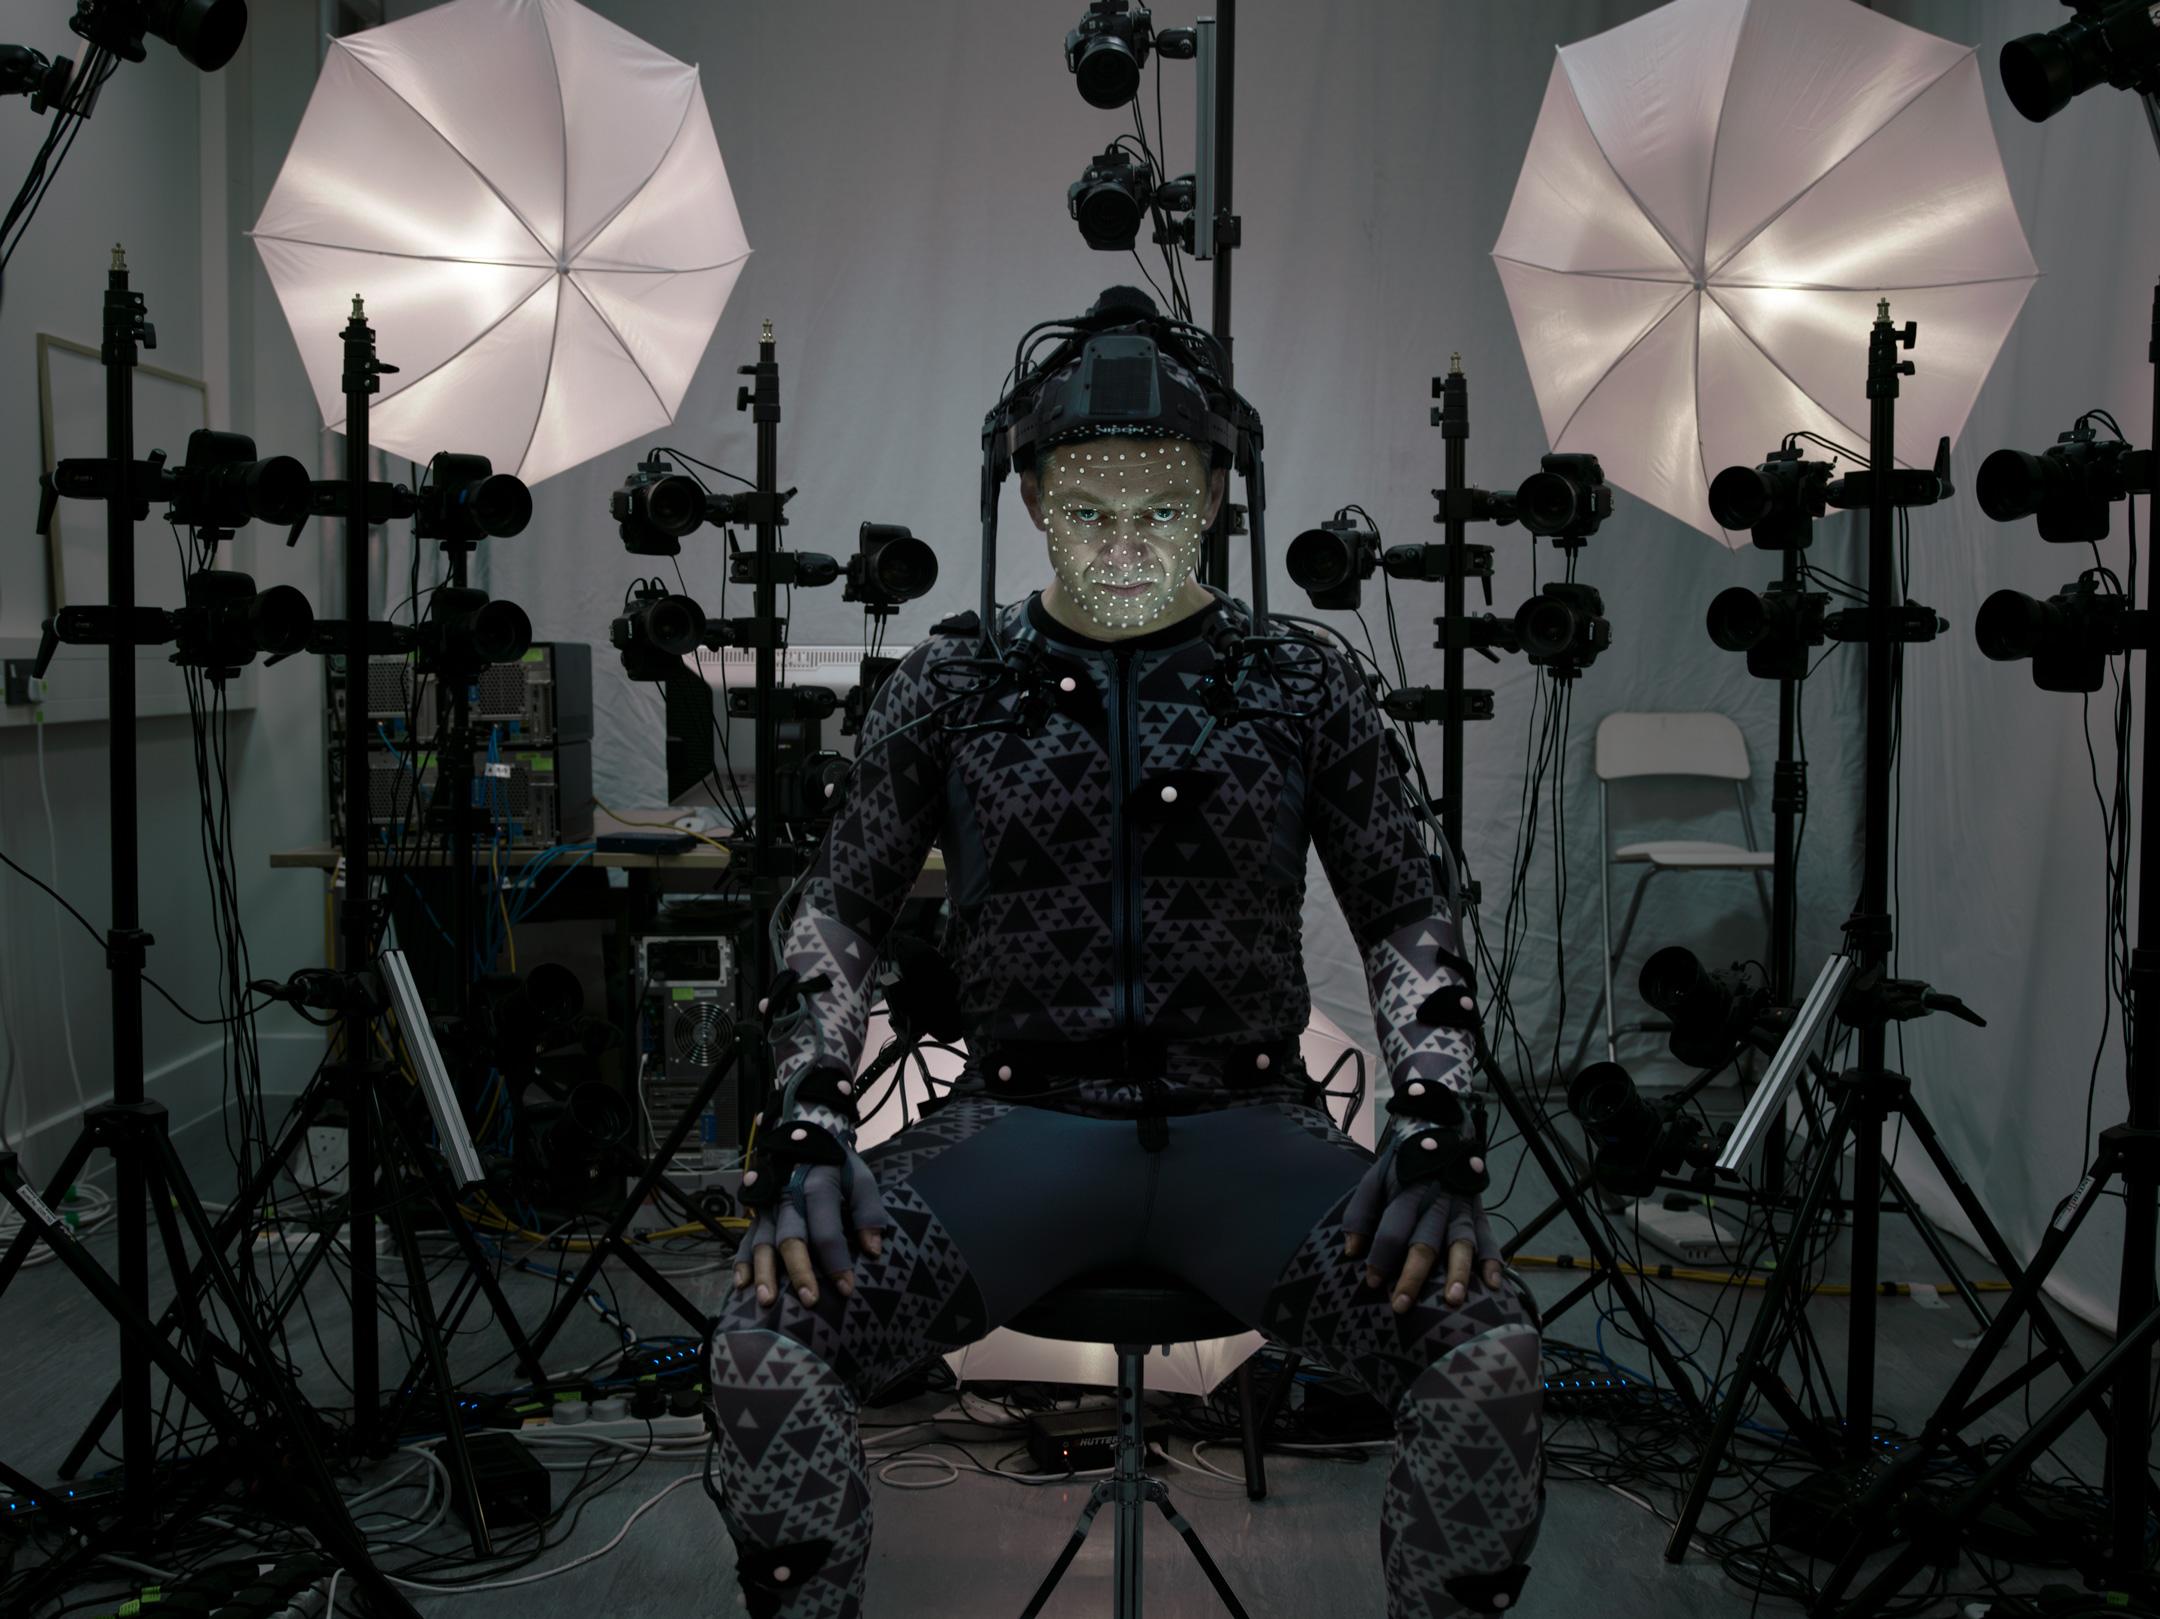 安迪•瑟金斯将执导《毒液2》 有望2020年上映